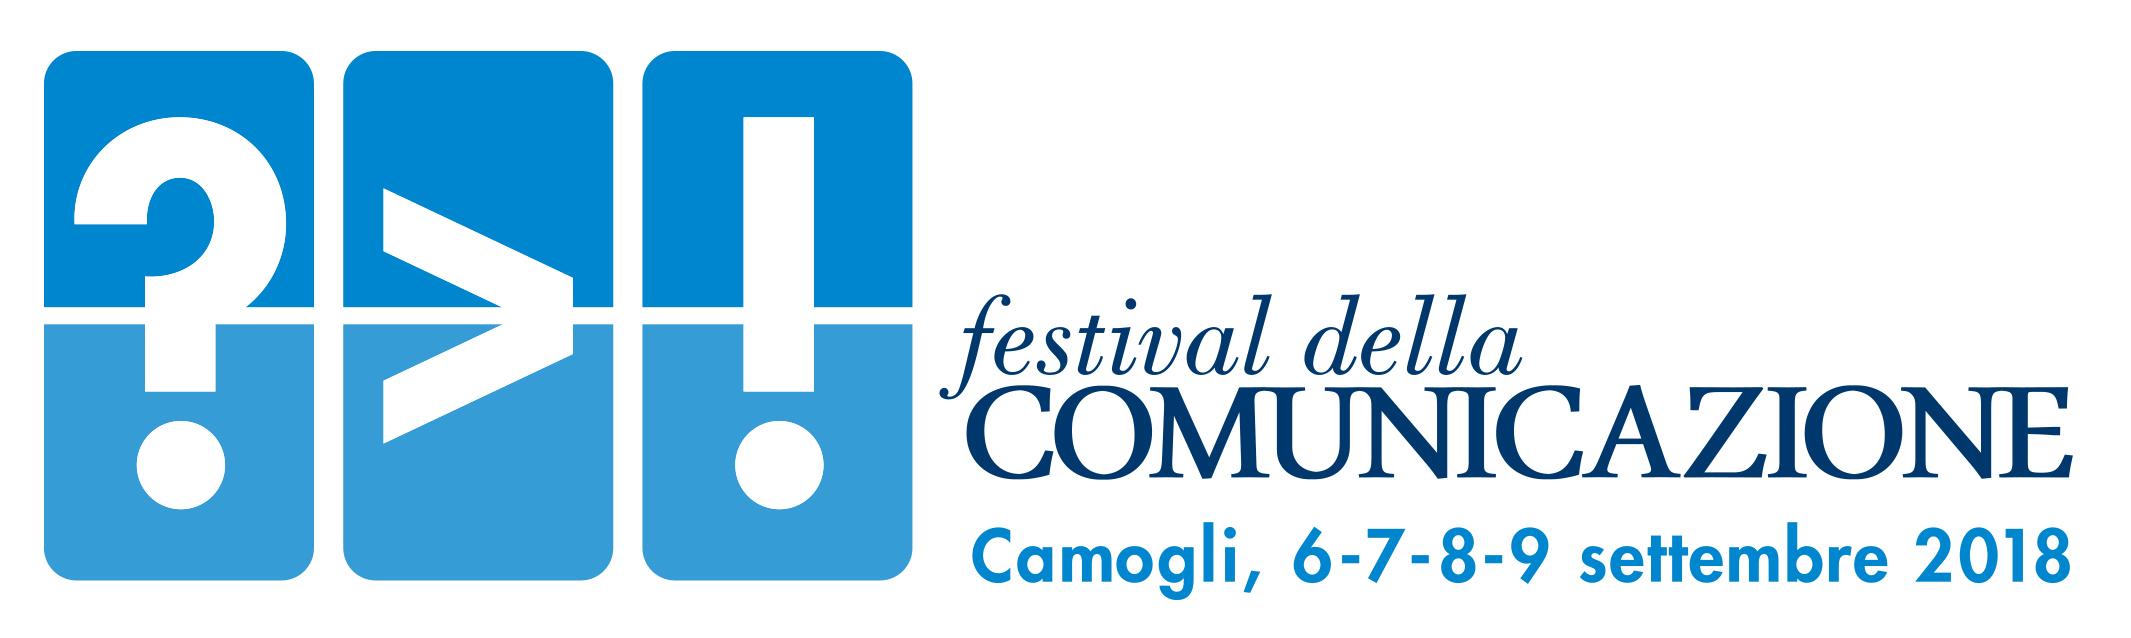 Festival della comunicazione - Camogli